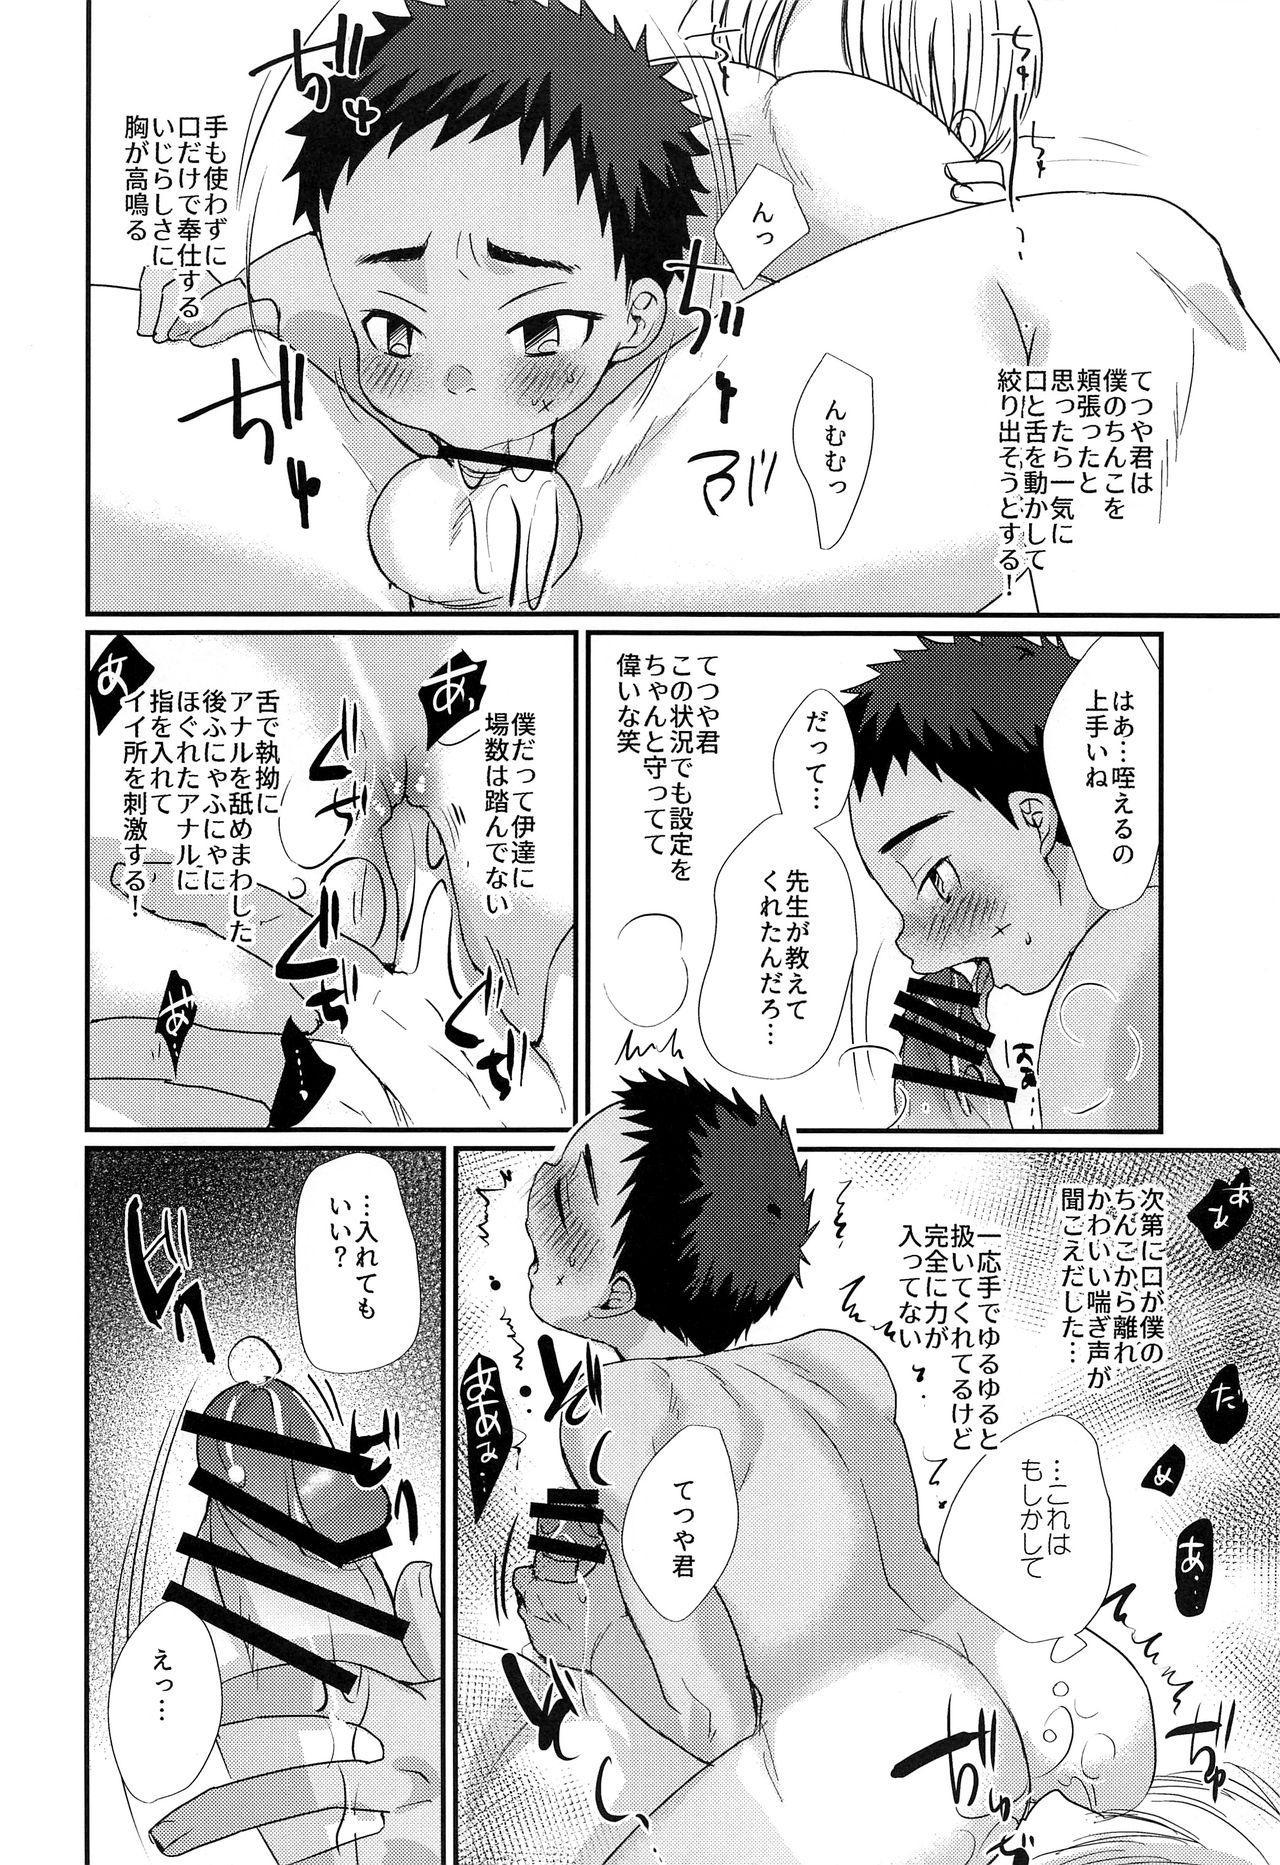 Tokumori! Shota Fuuzoku Saizensen 35